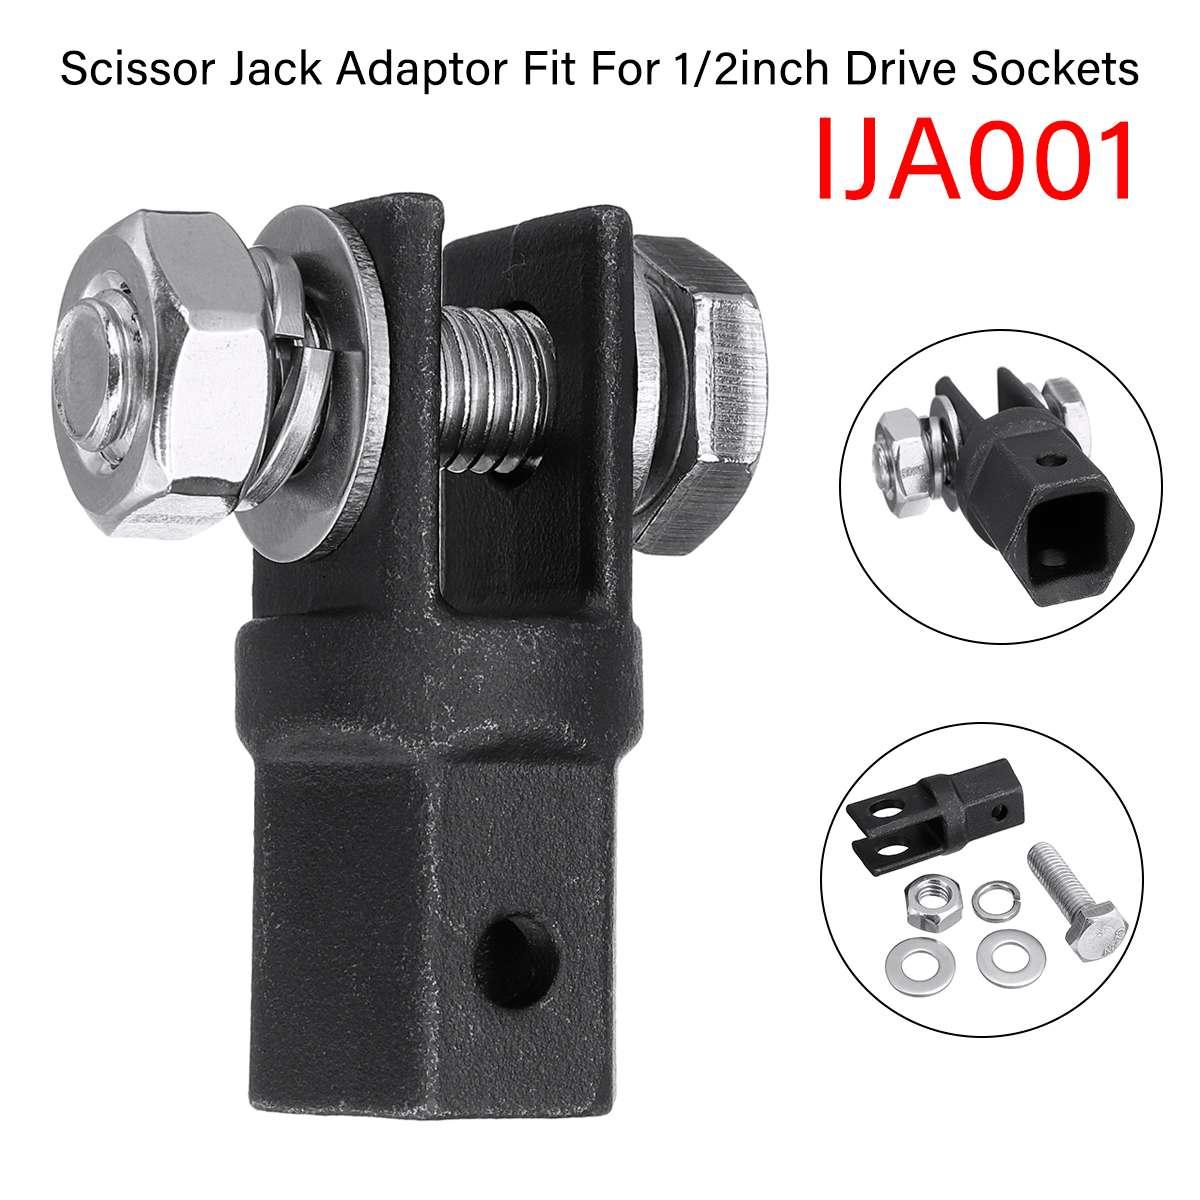 Адаптер для Ножничного домкрата 1/2 дюйма для использования с приводом 1/2 дюйма или инструментами для ударного гаечного ключа IJA001